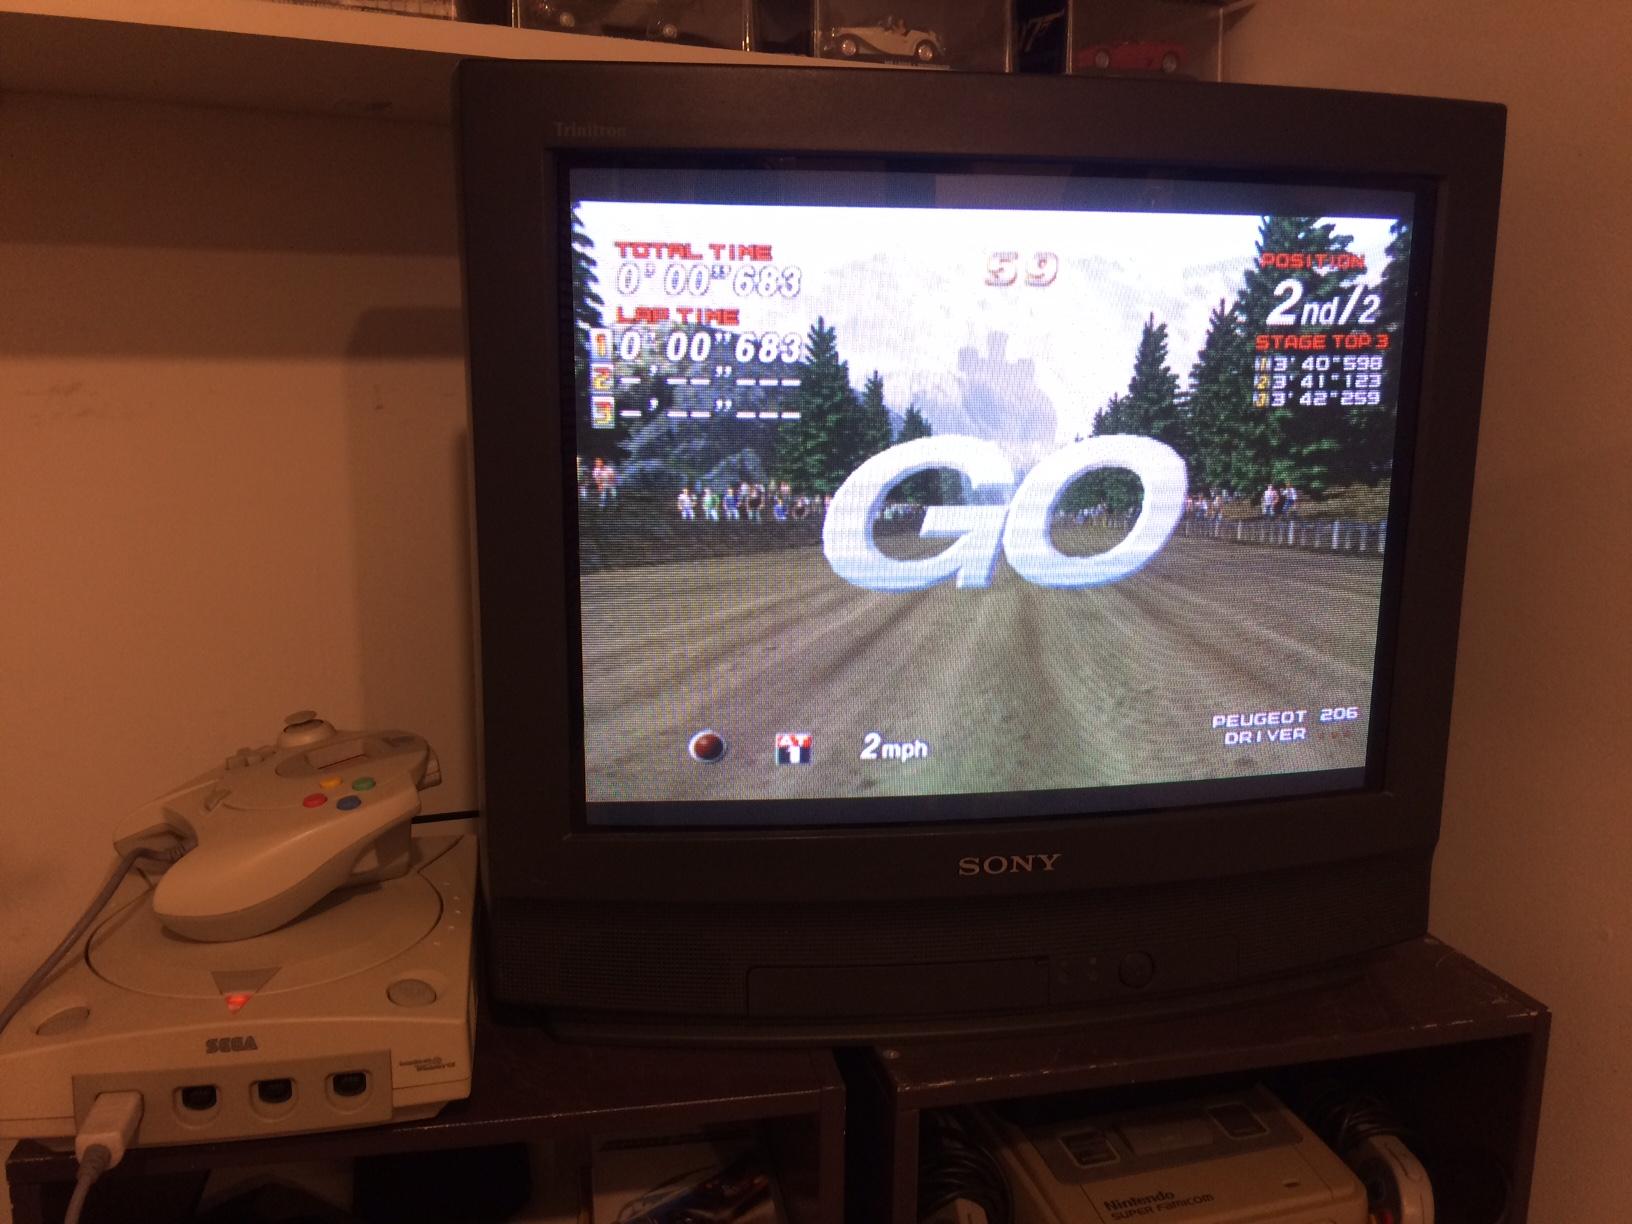 [VDS] Sega Dreamcast avec manettes et jeux 181014014850568023